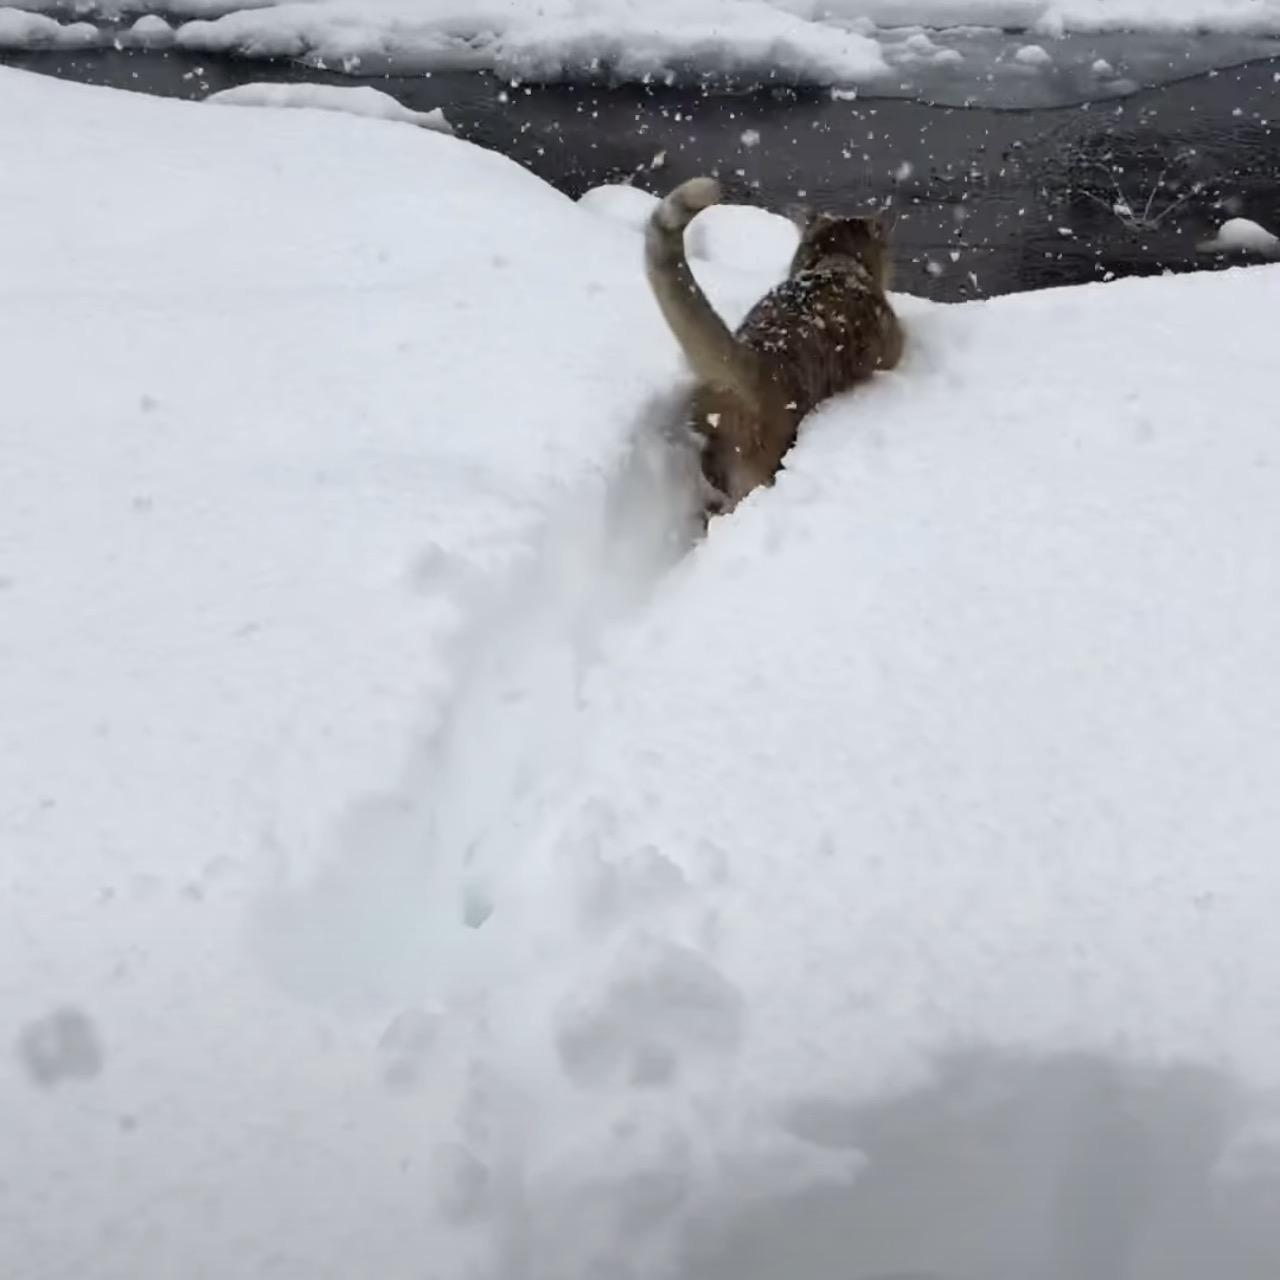 豪雪をものともせずにラッセルする猫、雪国暮らしの耐性を示す ...